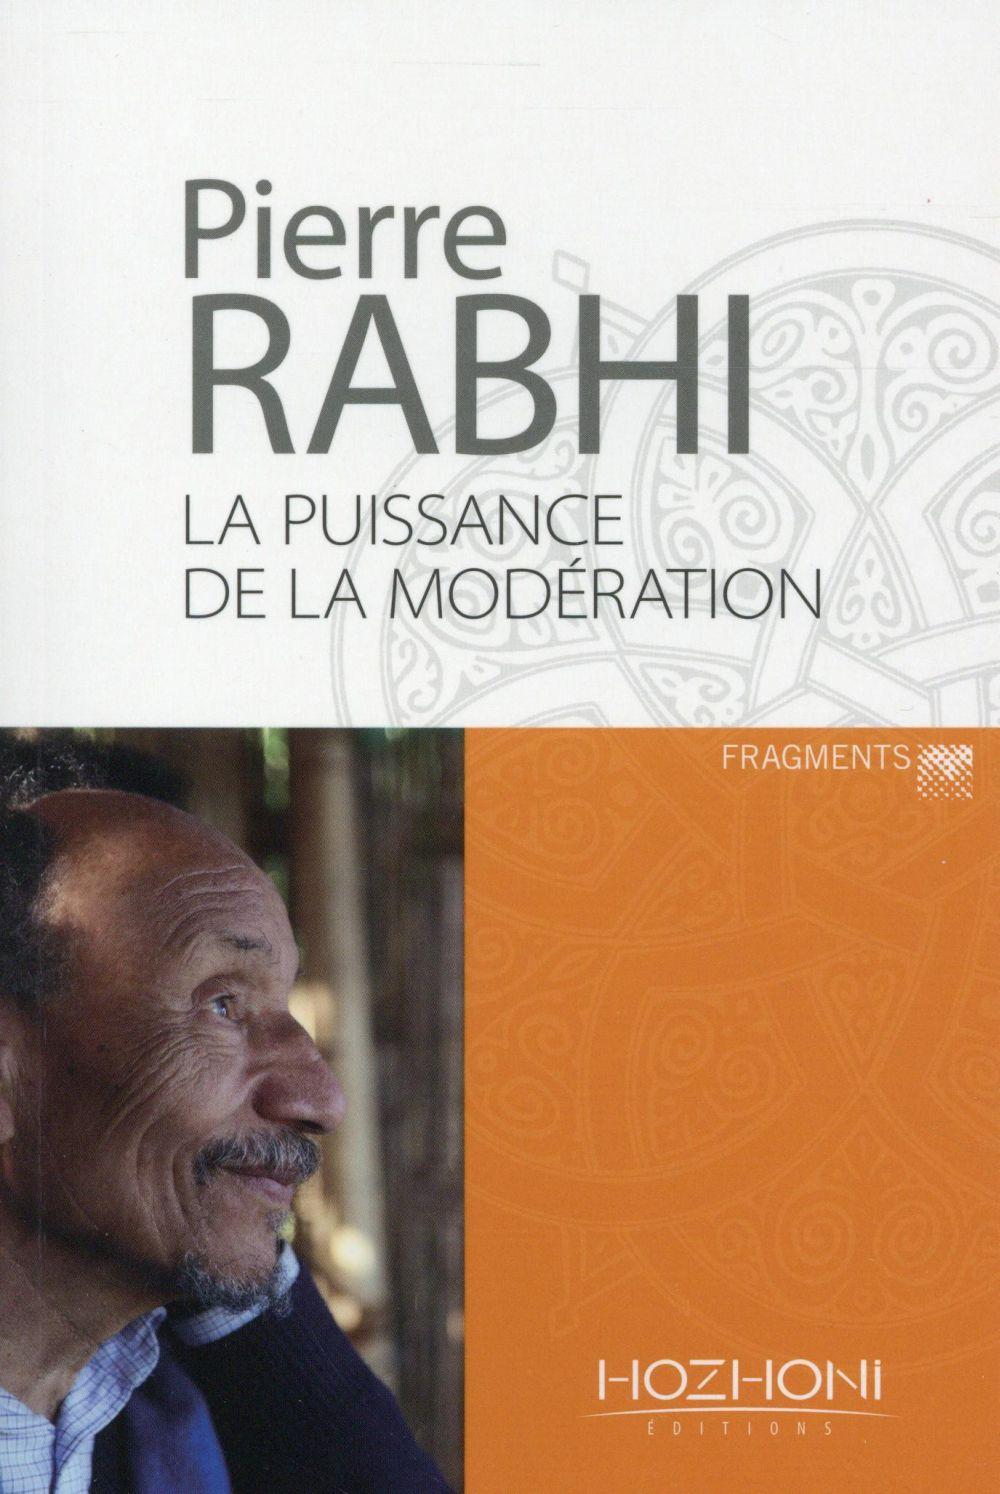 LA PUISSANCE DE LA MODERATION RABHI PIERRE Hozhoni